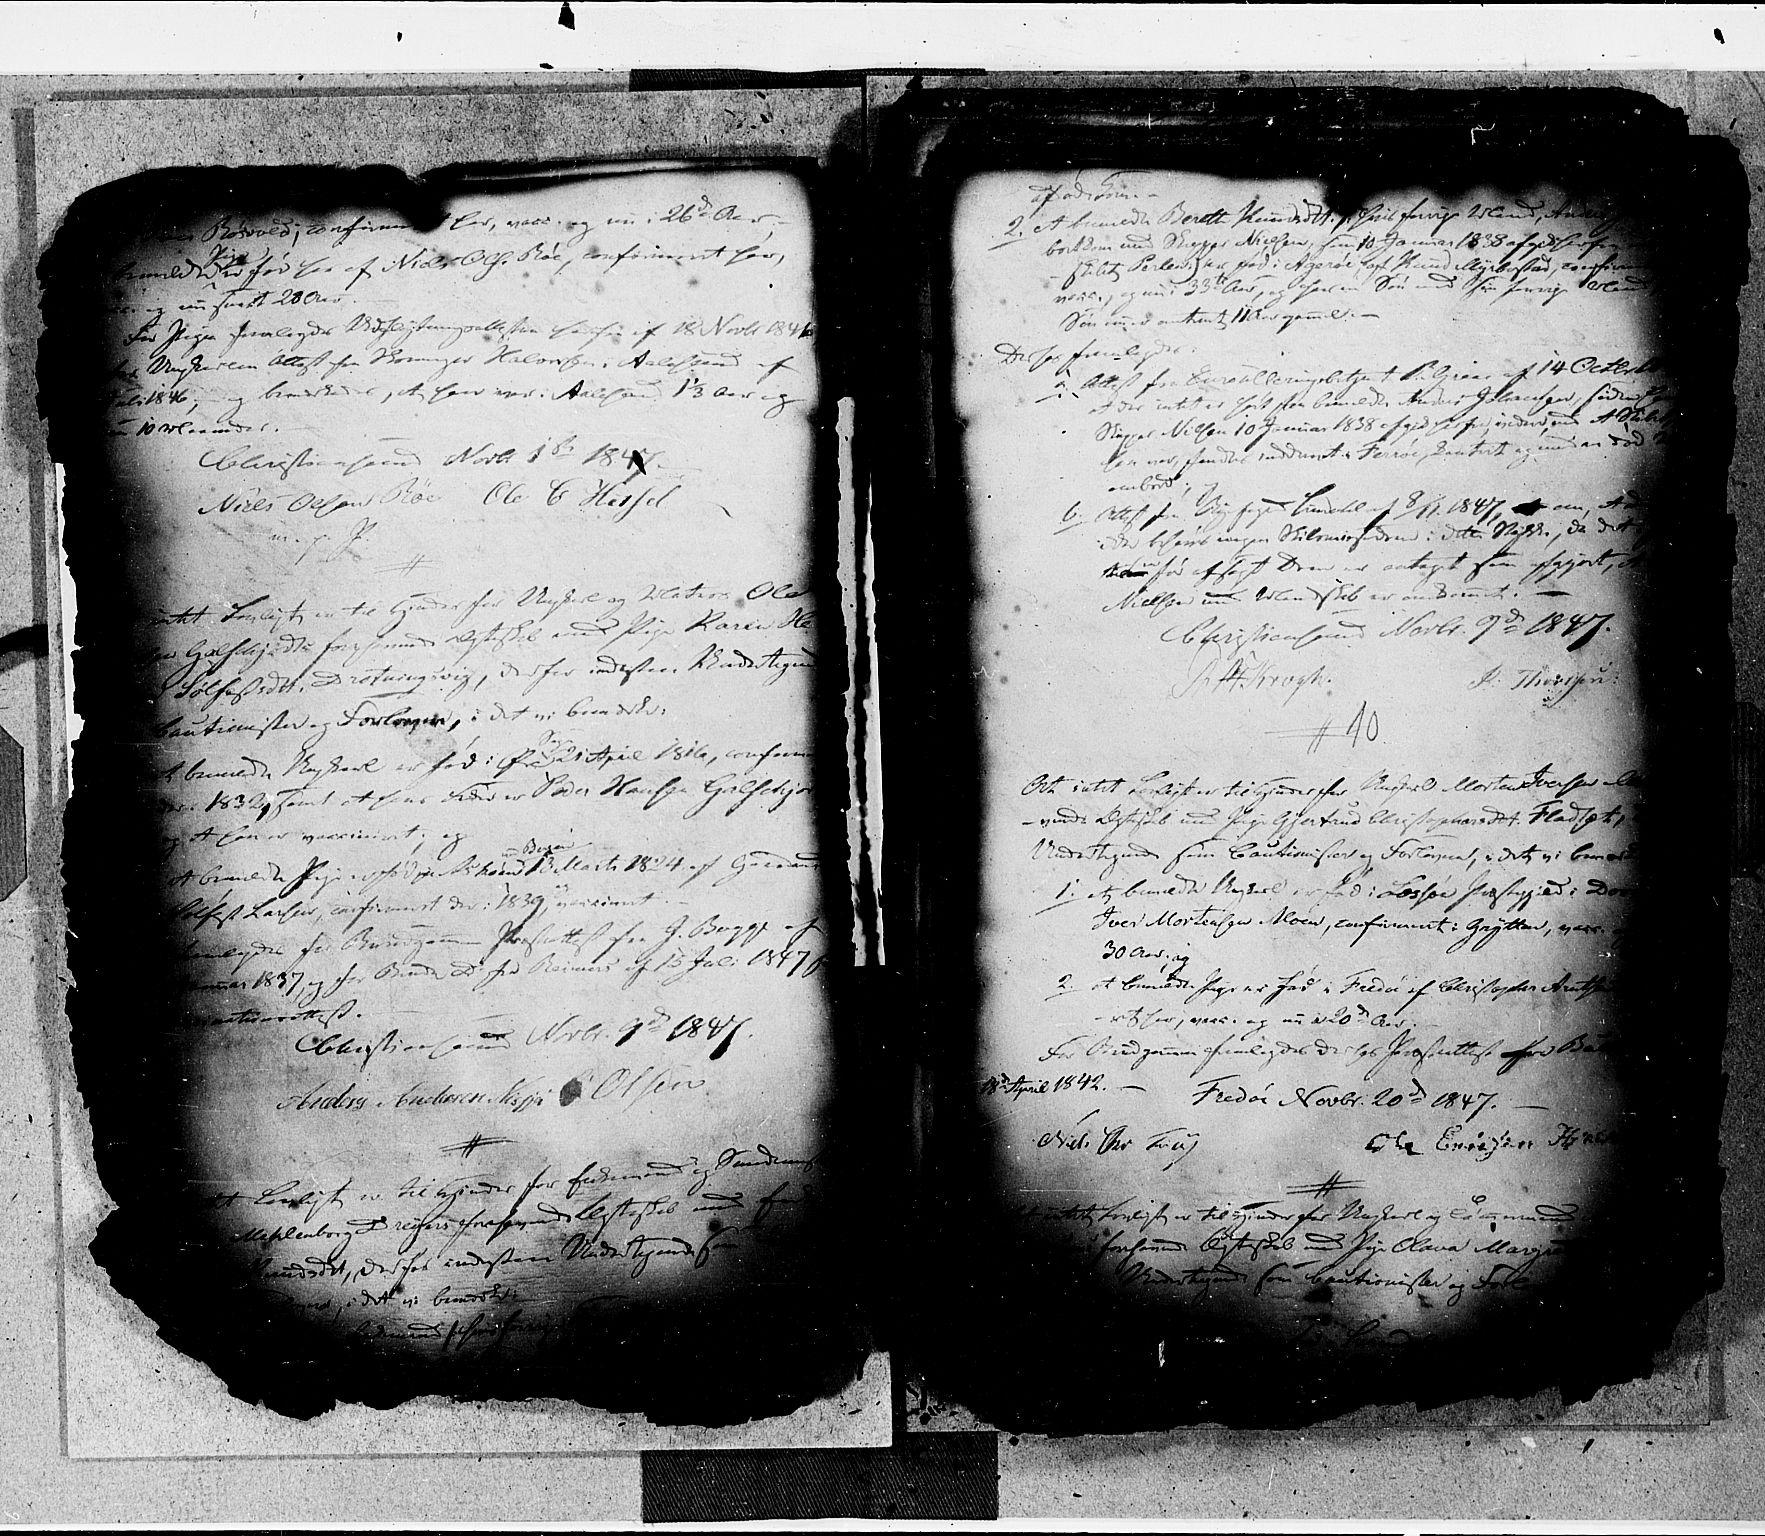 SAT, Arkivreferanse ukjent*, Forlovererklæringer nr. 16, 1846-1855, s. 10